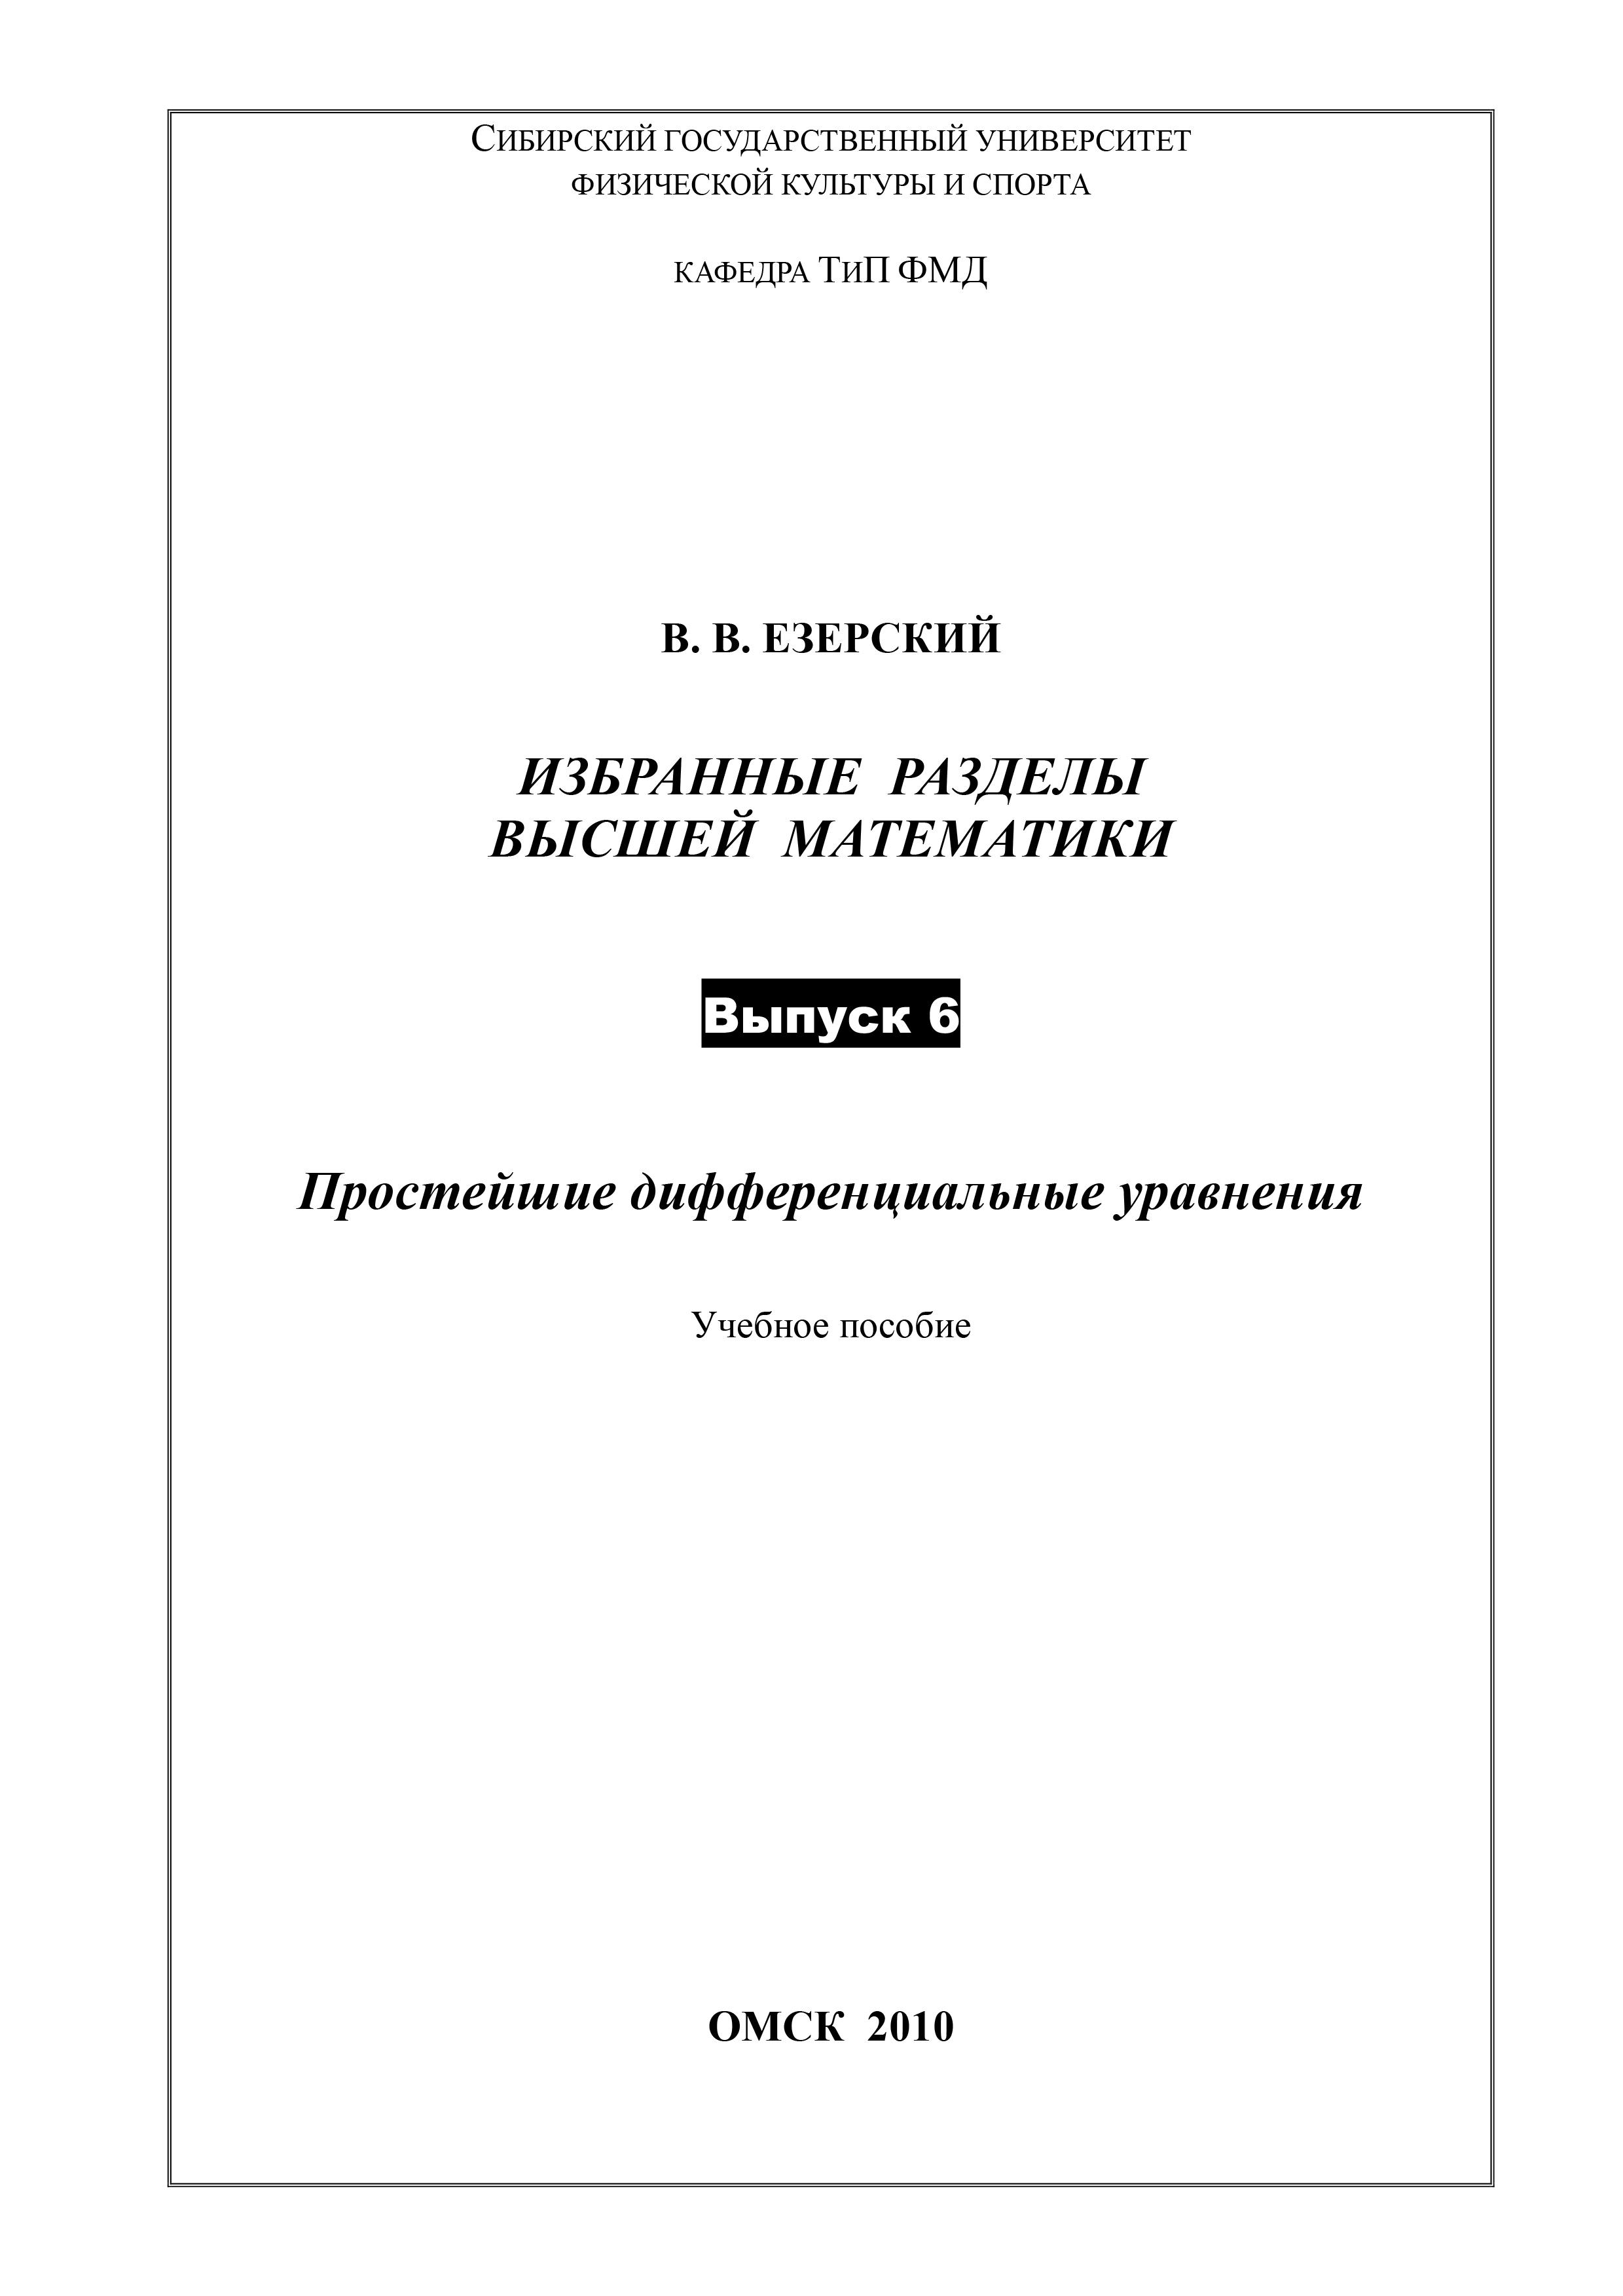 Простейшие дифференциальные уравнения. Избранные разделы высшей математики. Выпуск 6